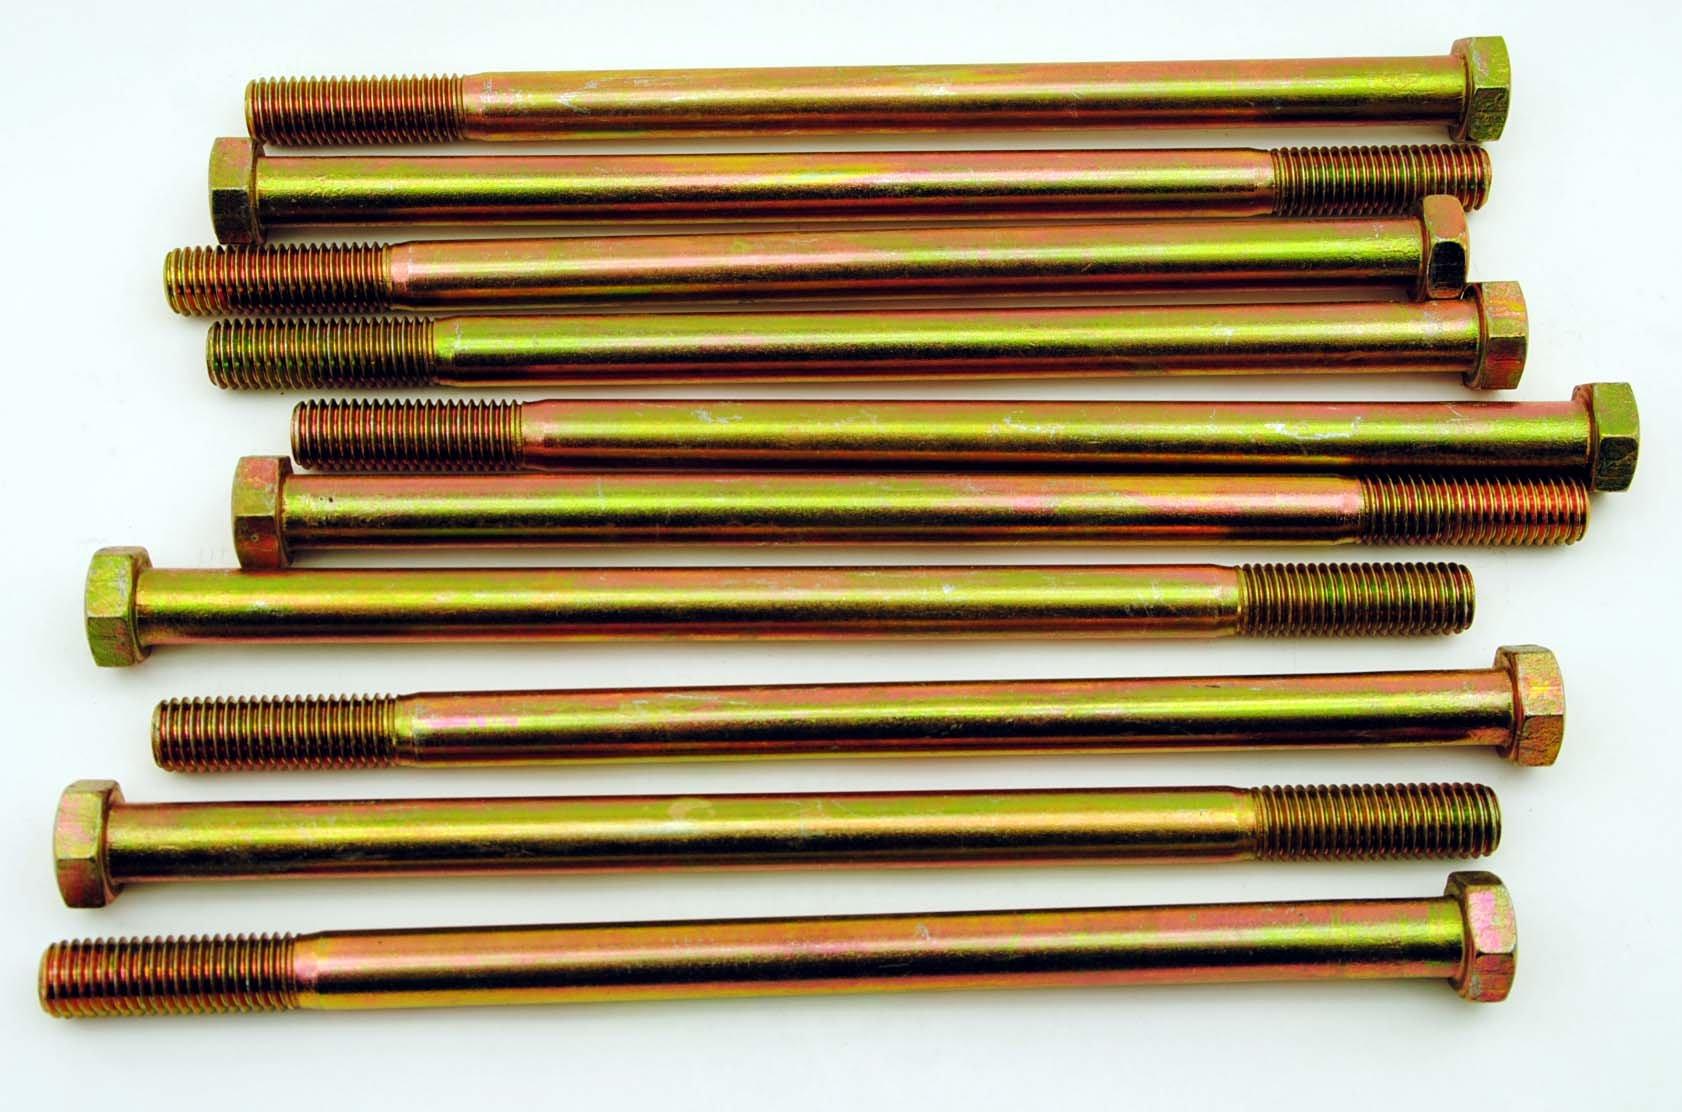 (5) Hex Head 5/8-11 x 11'' Grade 8 Bolts Yellow Zinc Cap Screws